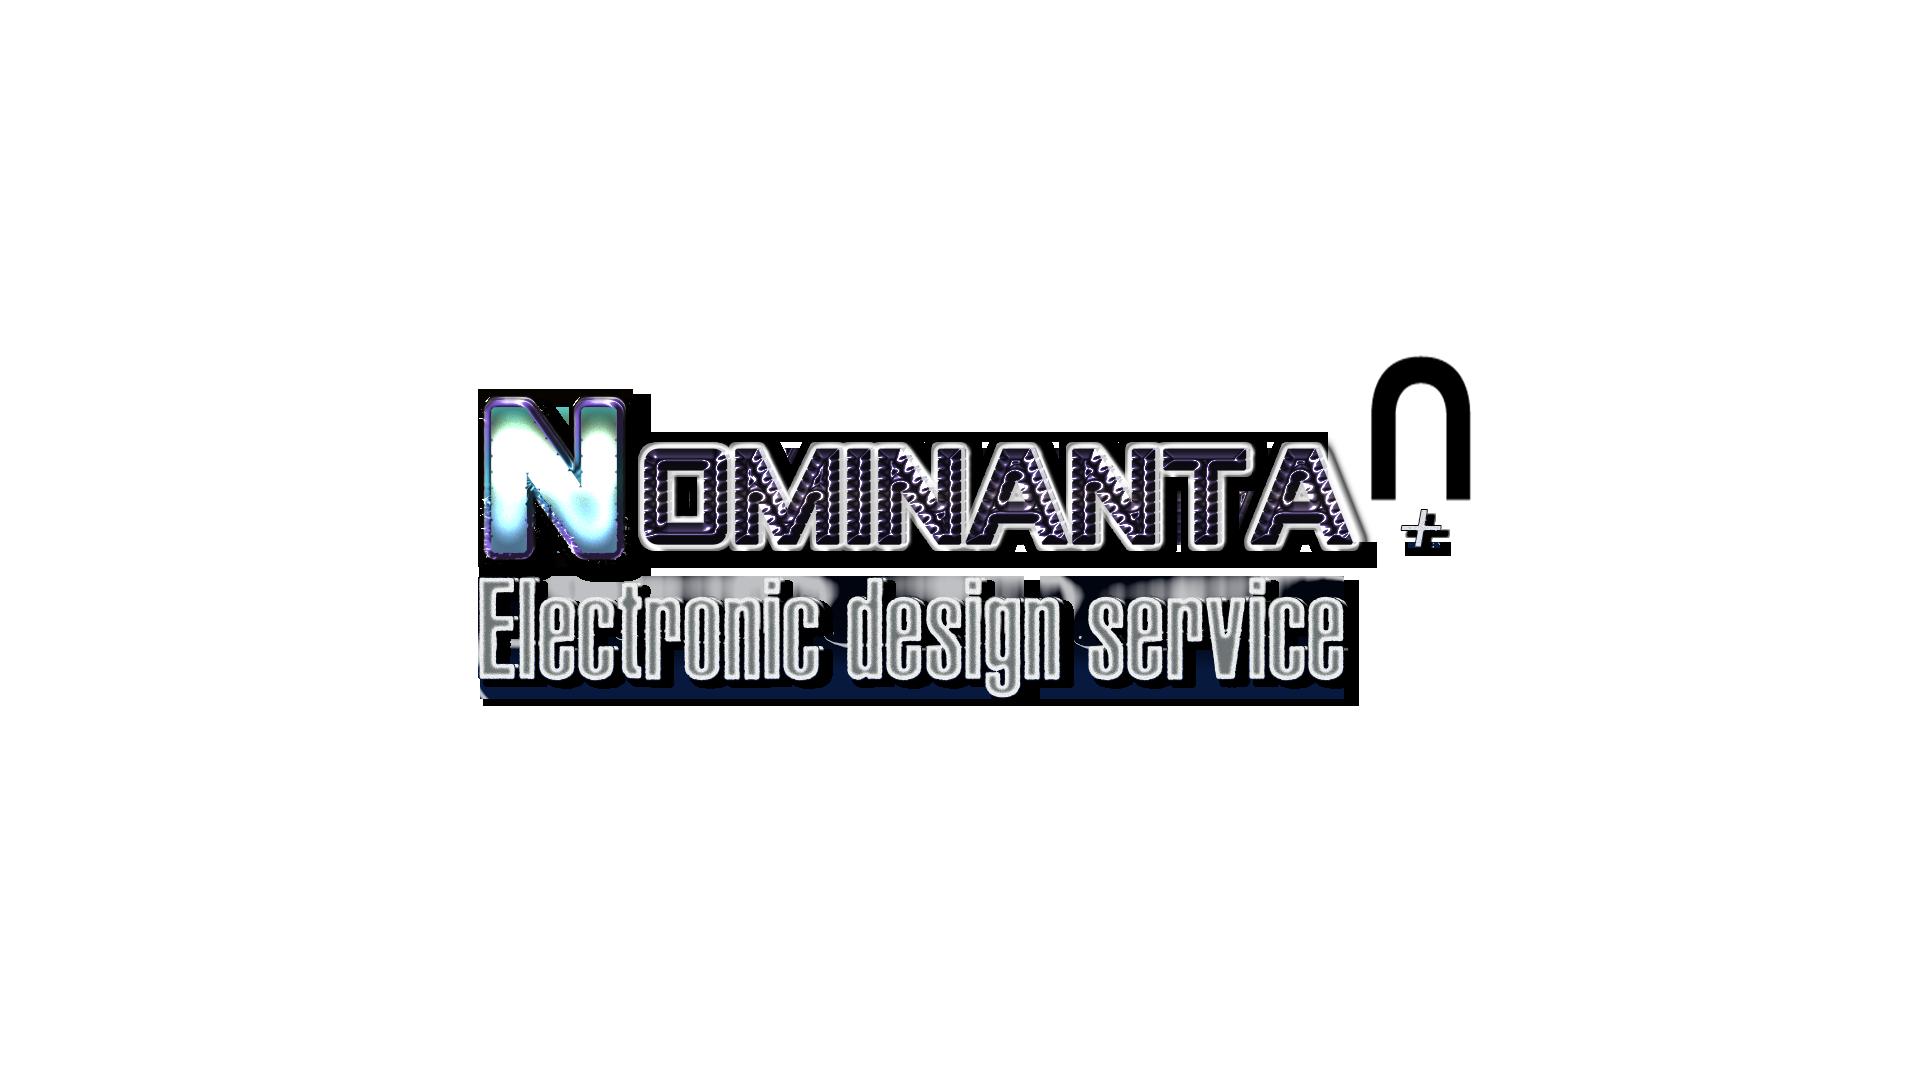 Разработать логотип для КБ по разработке электроники фото f_9155e3ed62b45e34.png